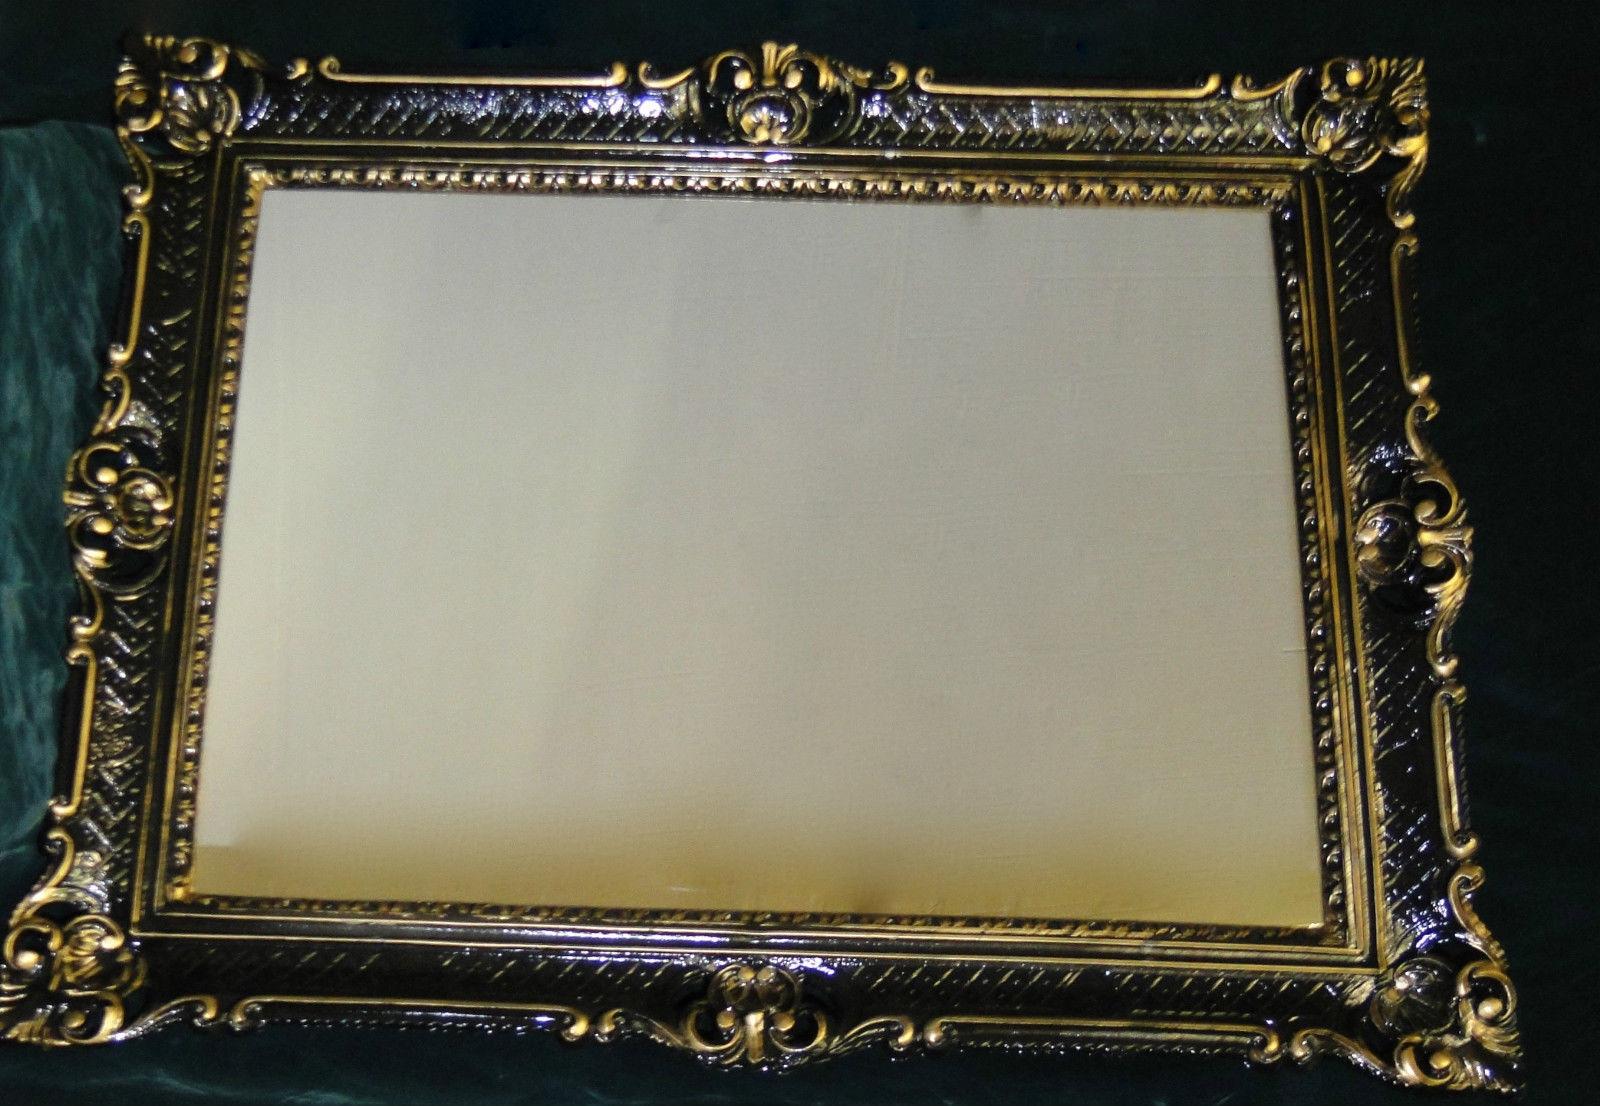 Spiegel Antik Wandspiegel Barock xxl Spiegel Schwarz-gold Rahmen ...